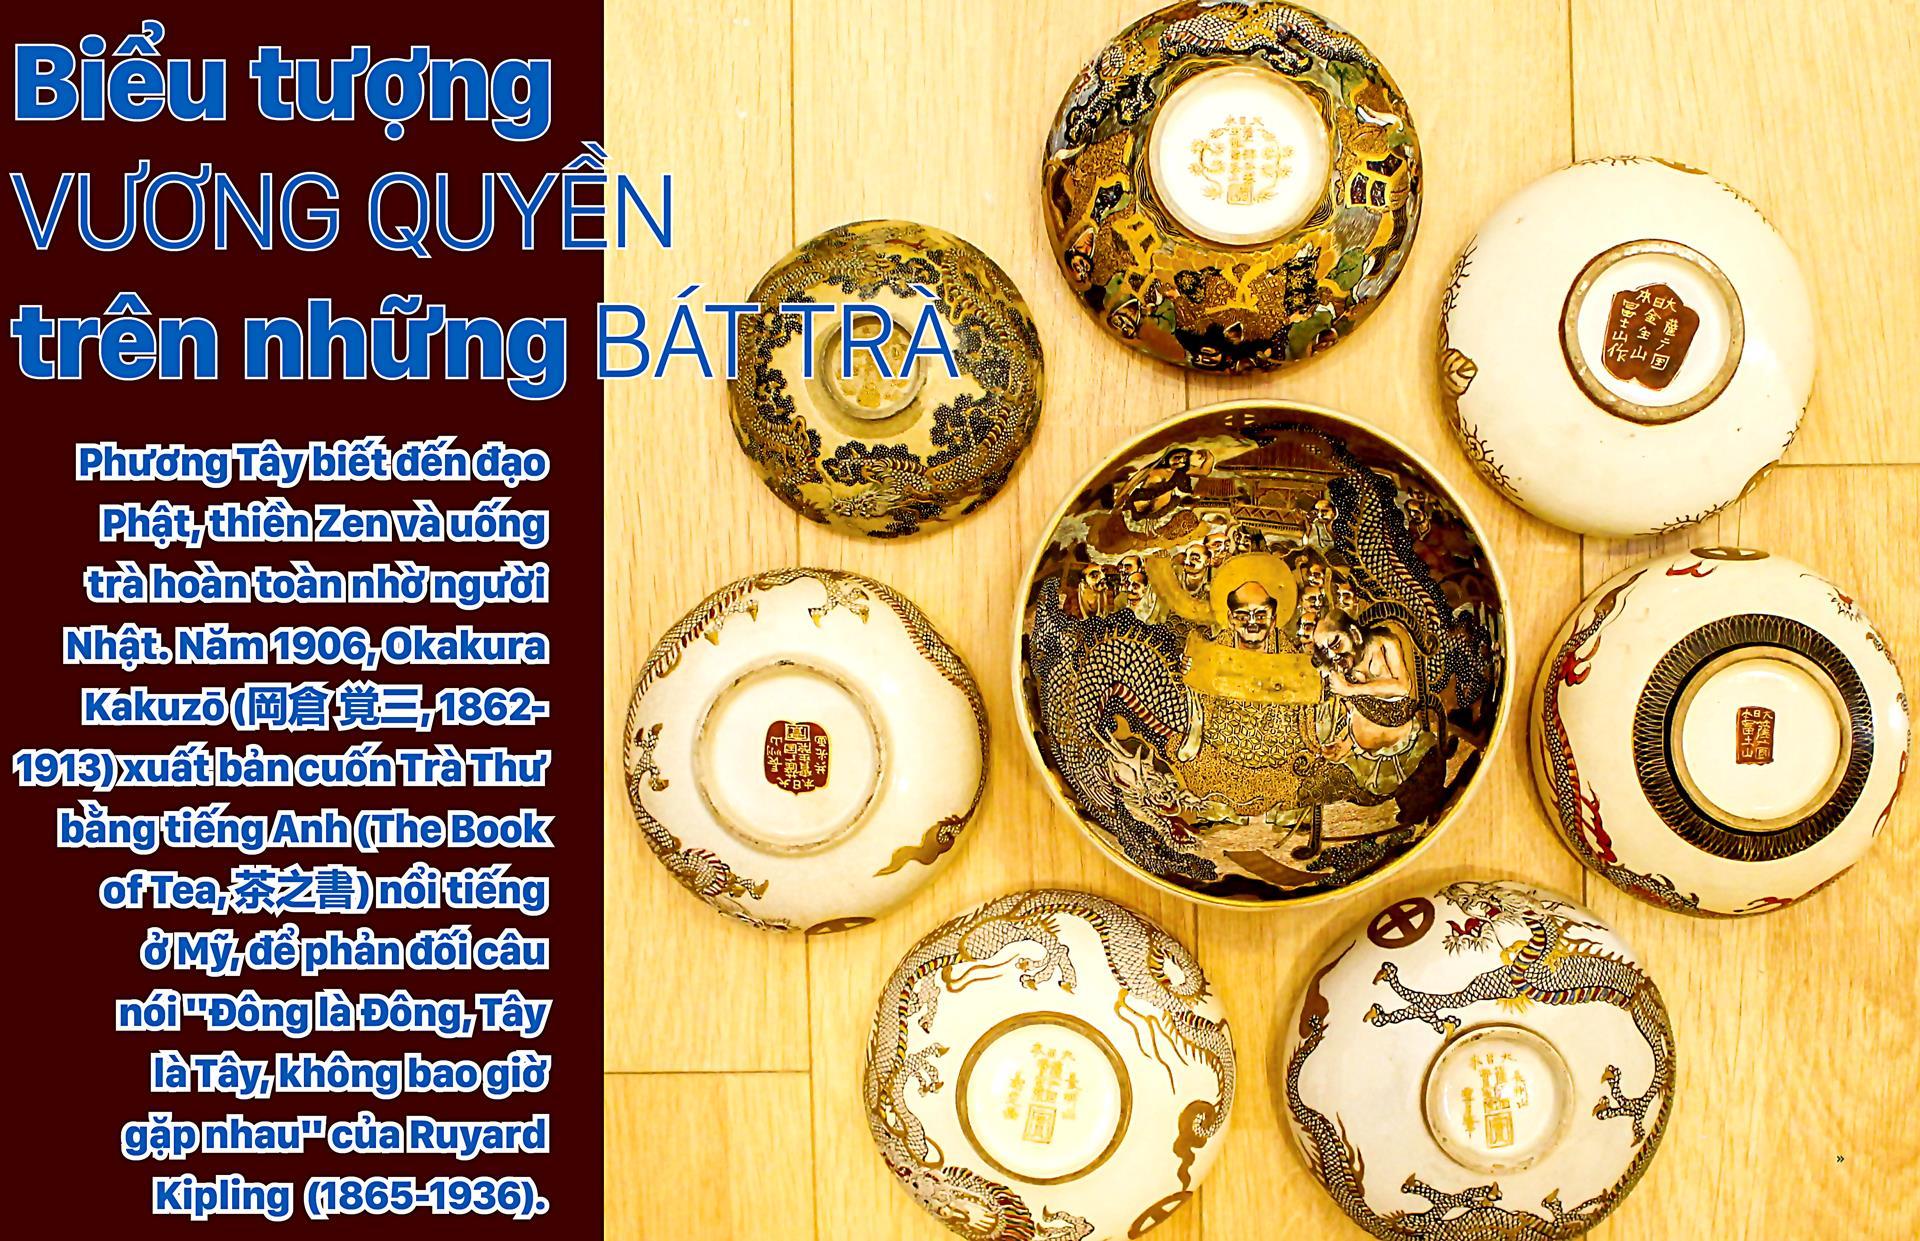 Biểu tượng vương quyền trên những bát trà